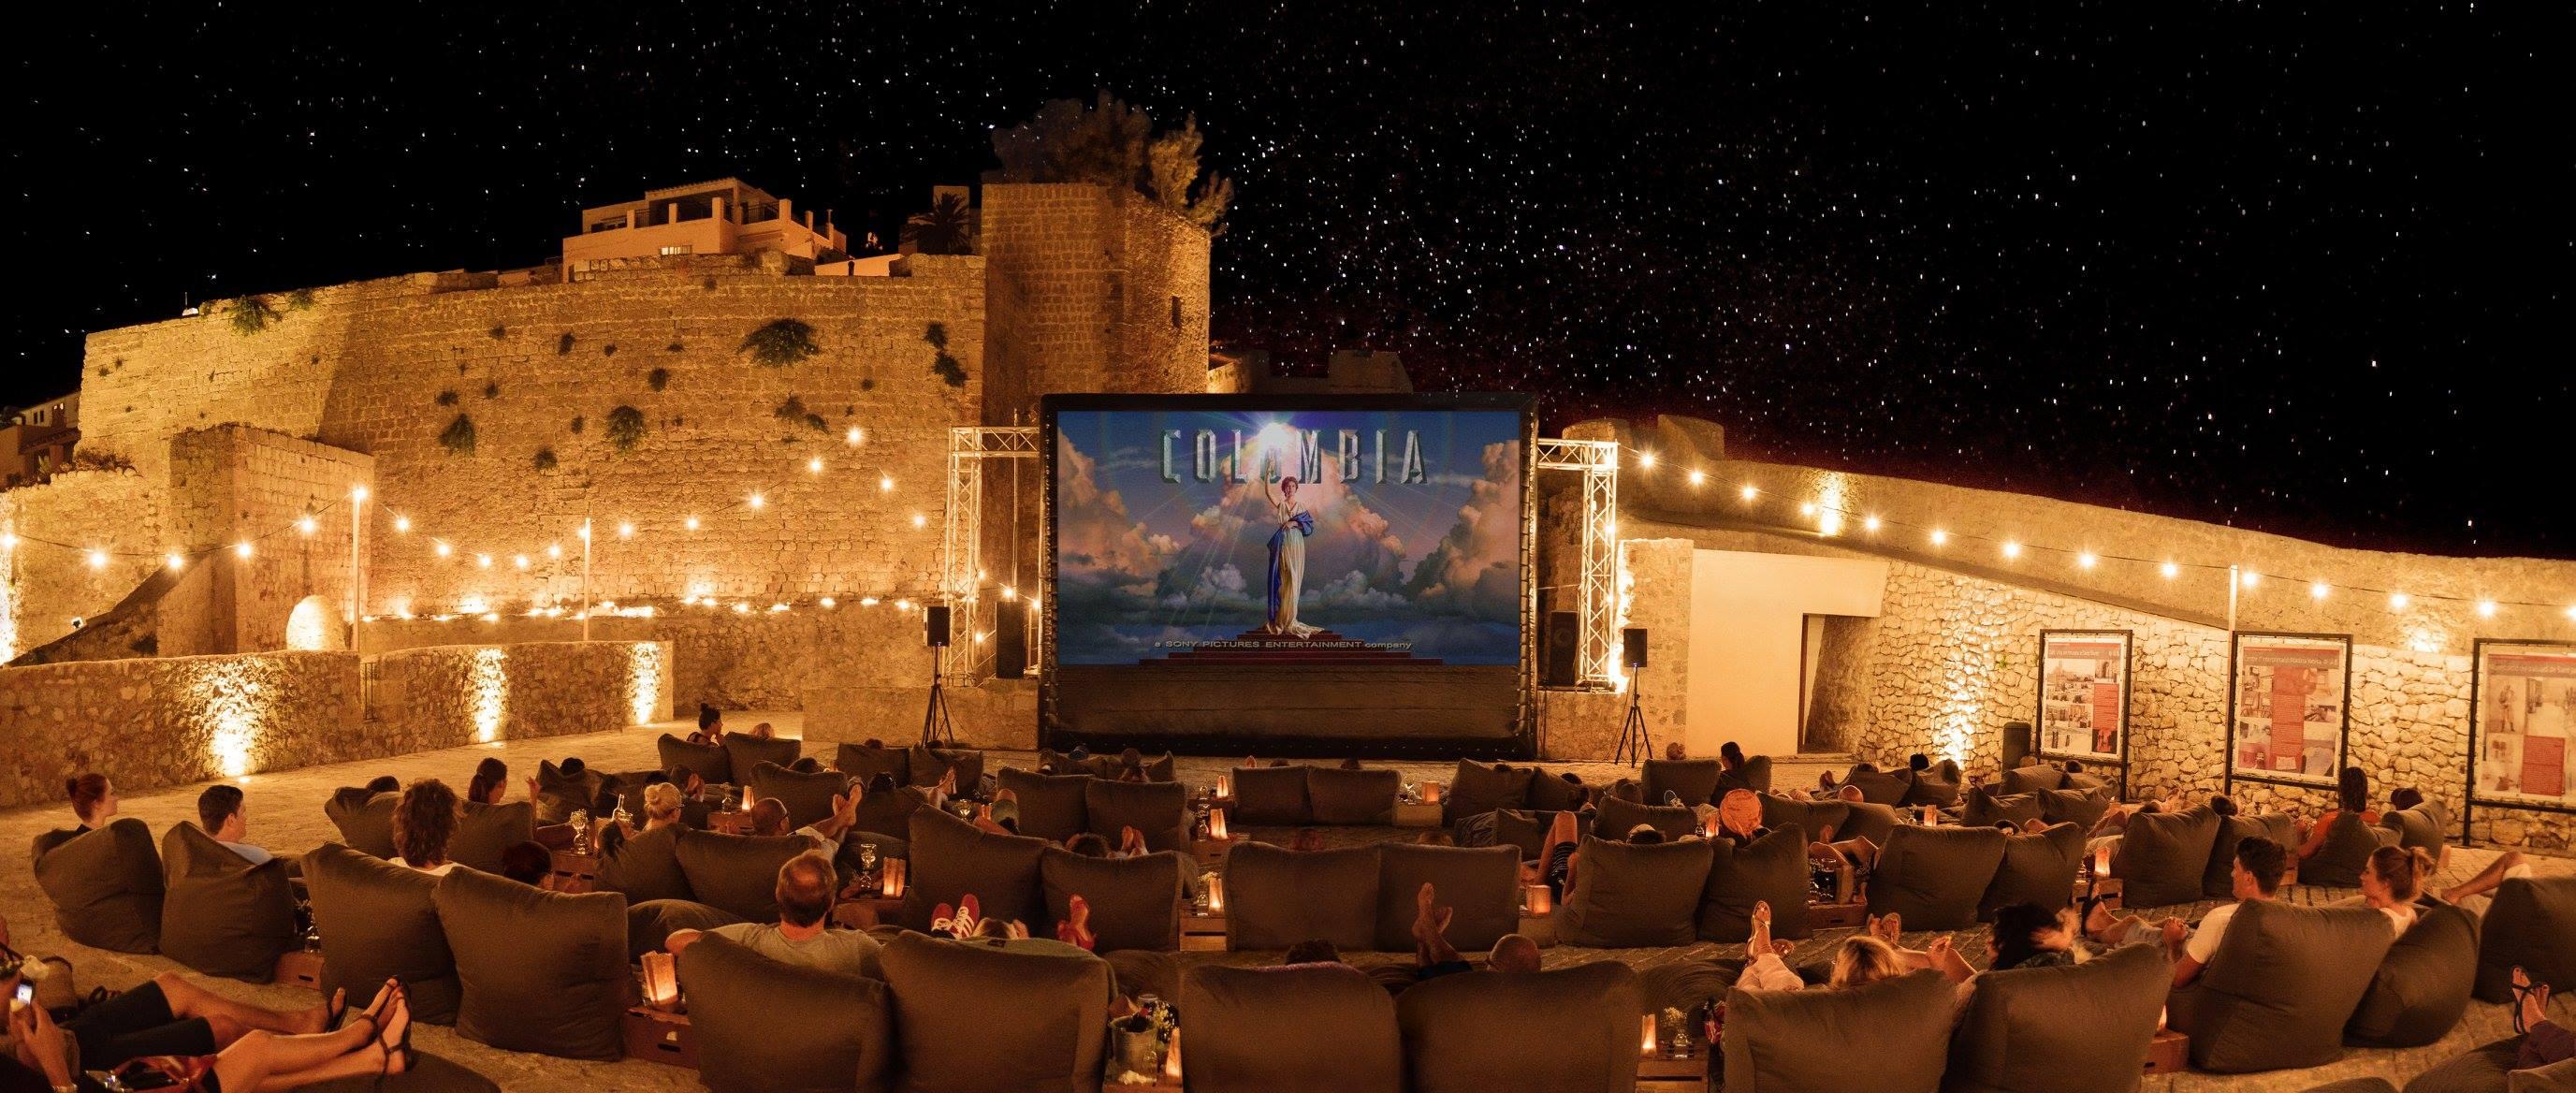 watch a movie under the night sky at cinema paradiso ibiza